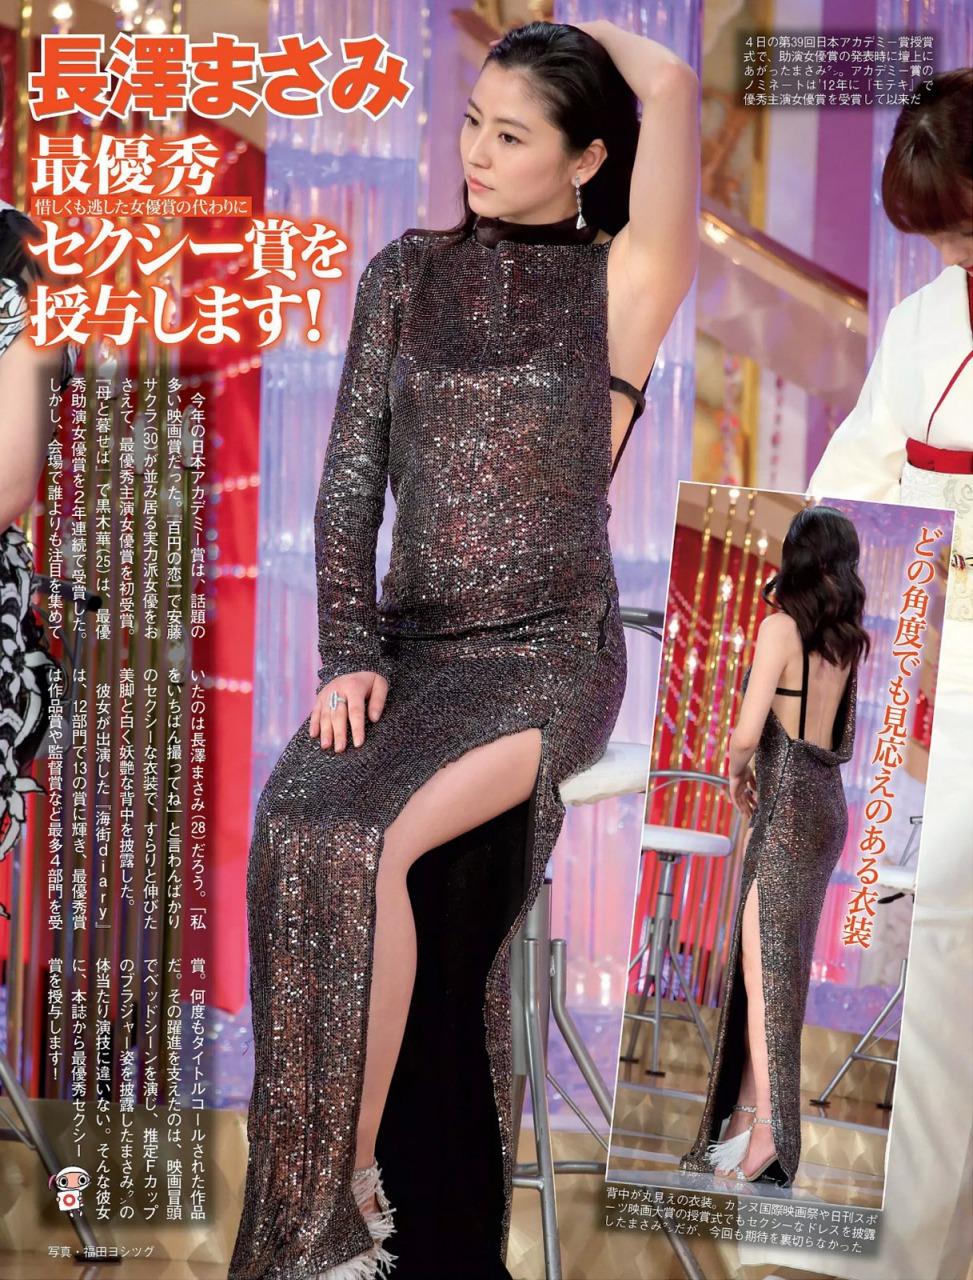 第39回日本アカデミー賞授賞式でワキと背中全開のセクシードレスを着た長澤まさみ